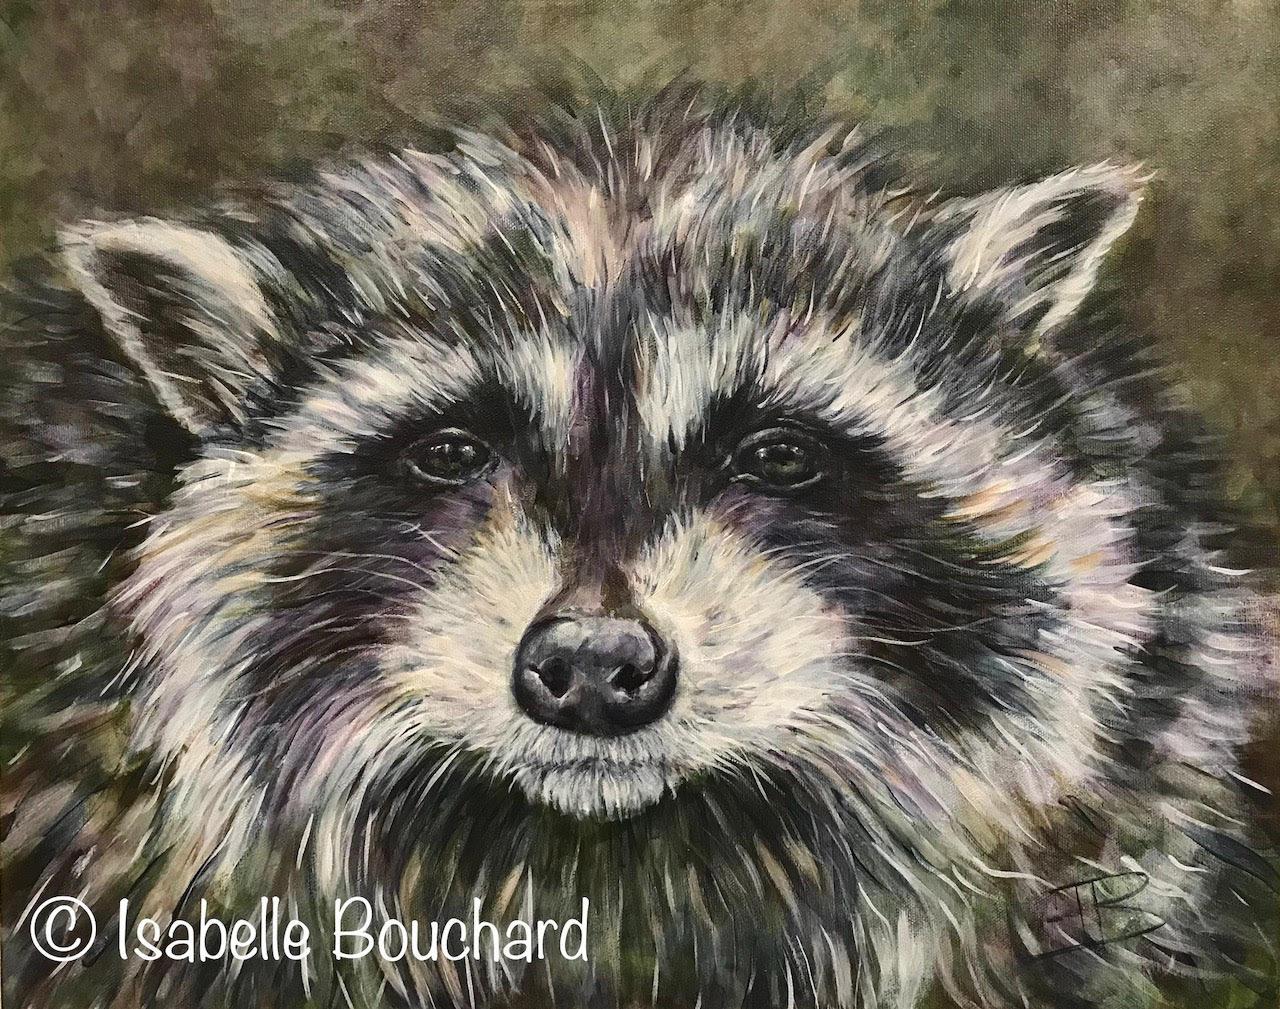 Isabelle Bouchard Artiste Raton laveur 16x20 2017